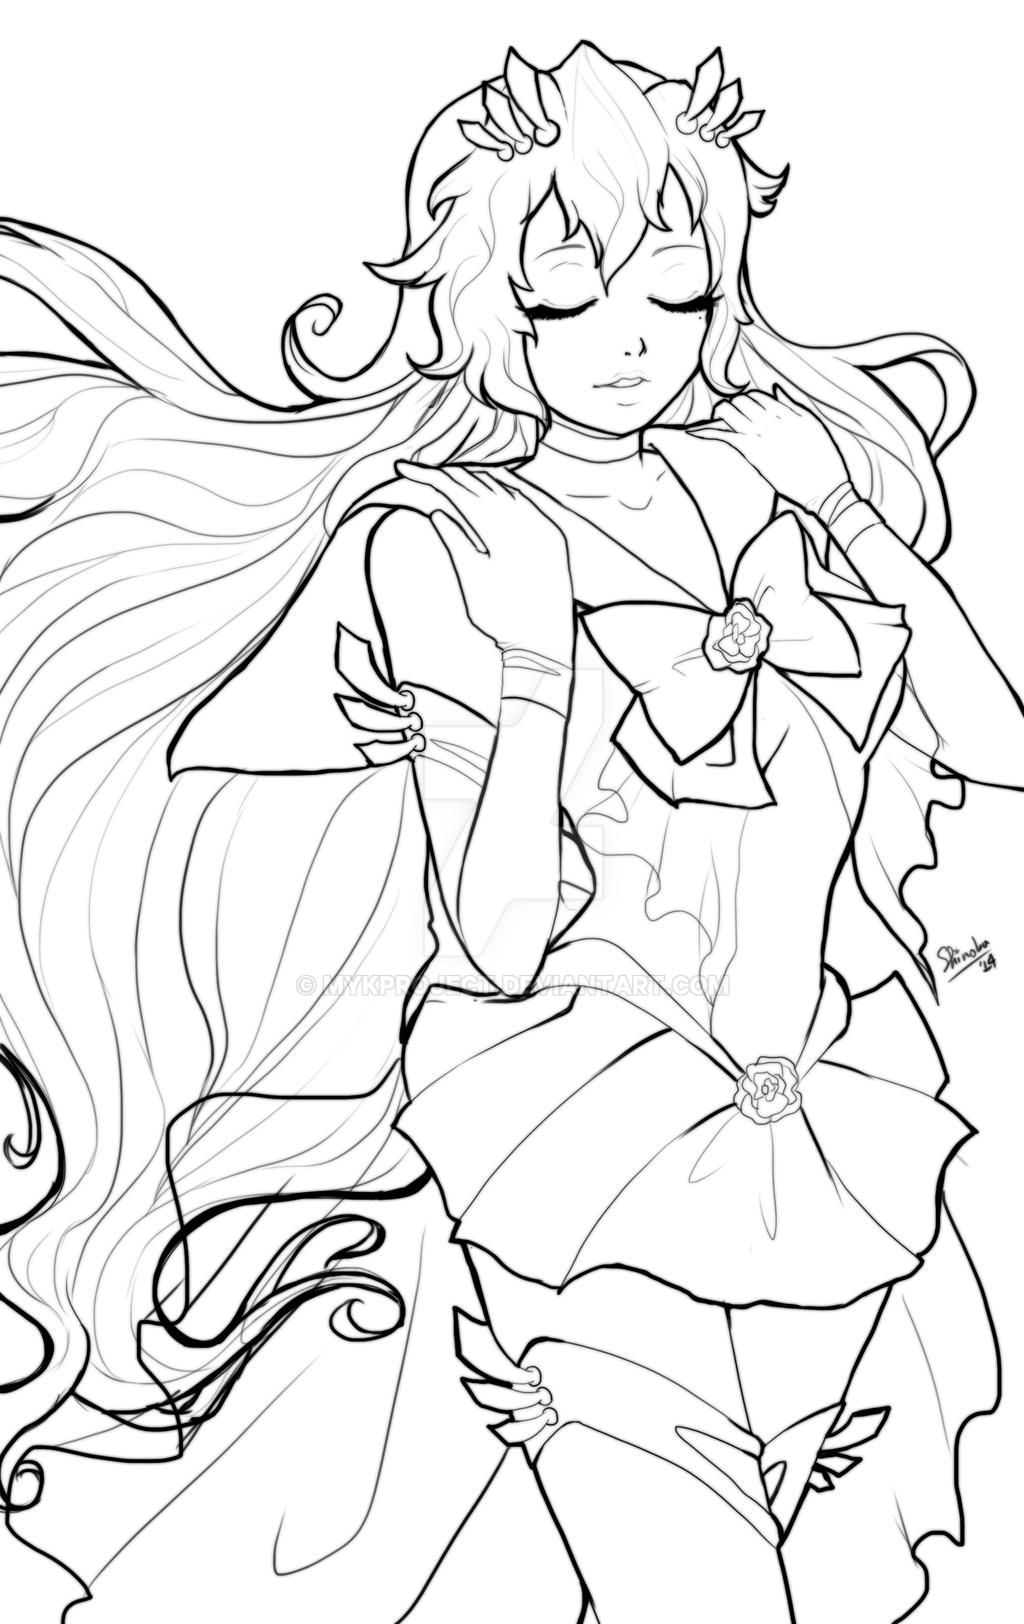 +Sailor Vanity -Fan Art+ by MYKProject